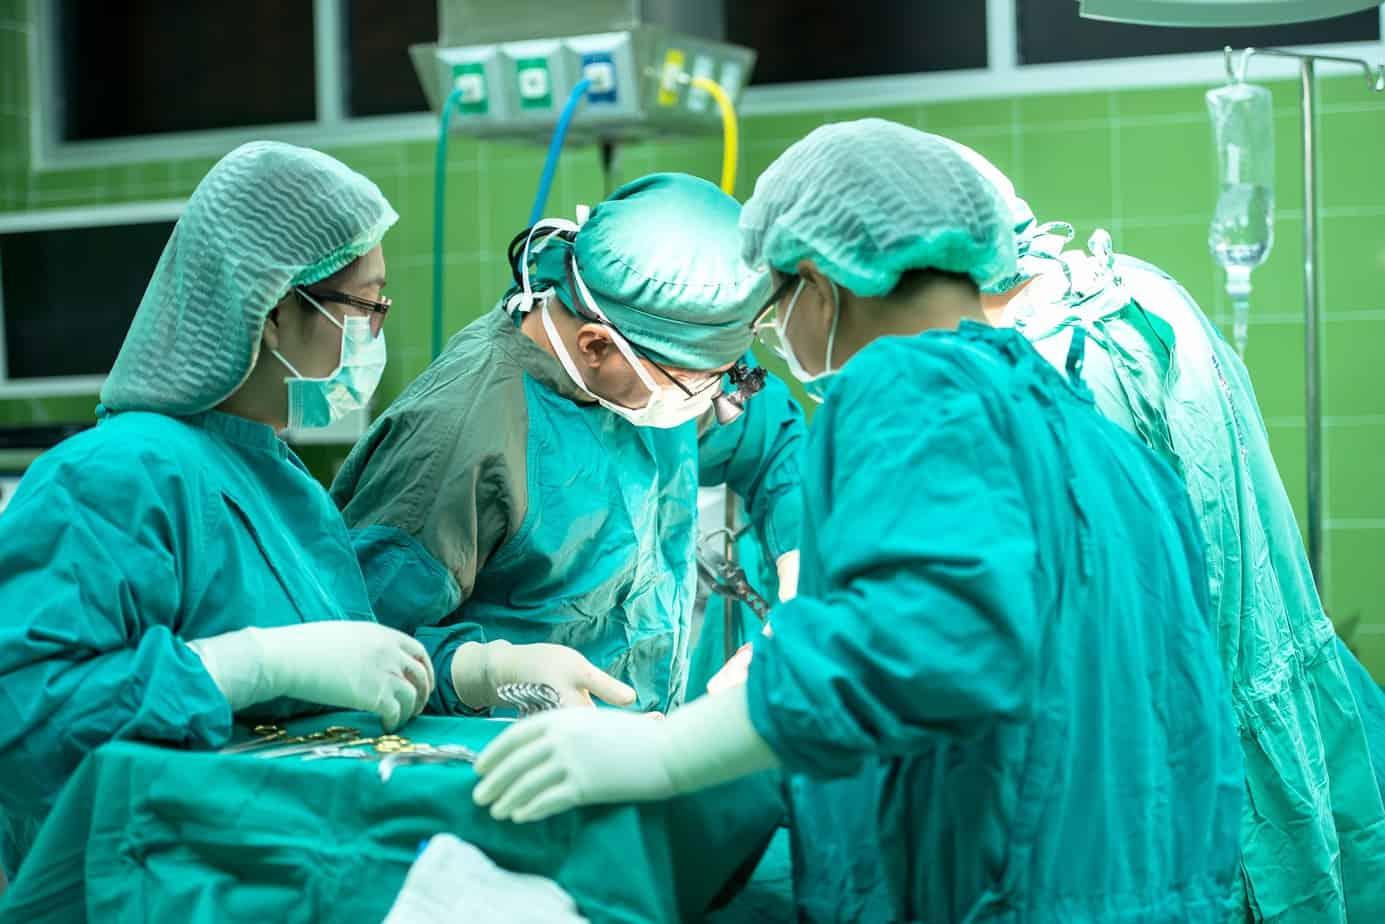 Lajina de 61 años donante de órganos se transforma en el primer procuramiento en Los Ángeles